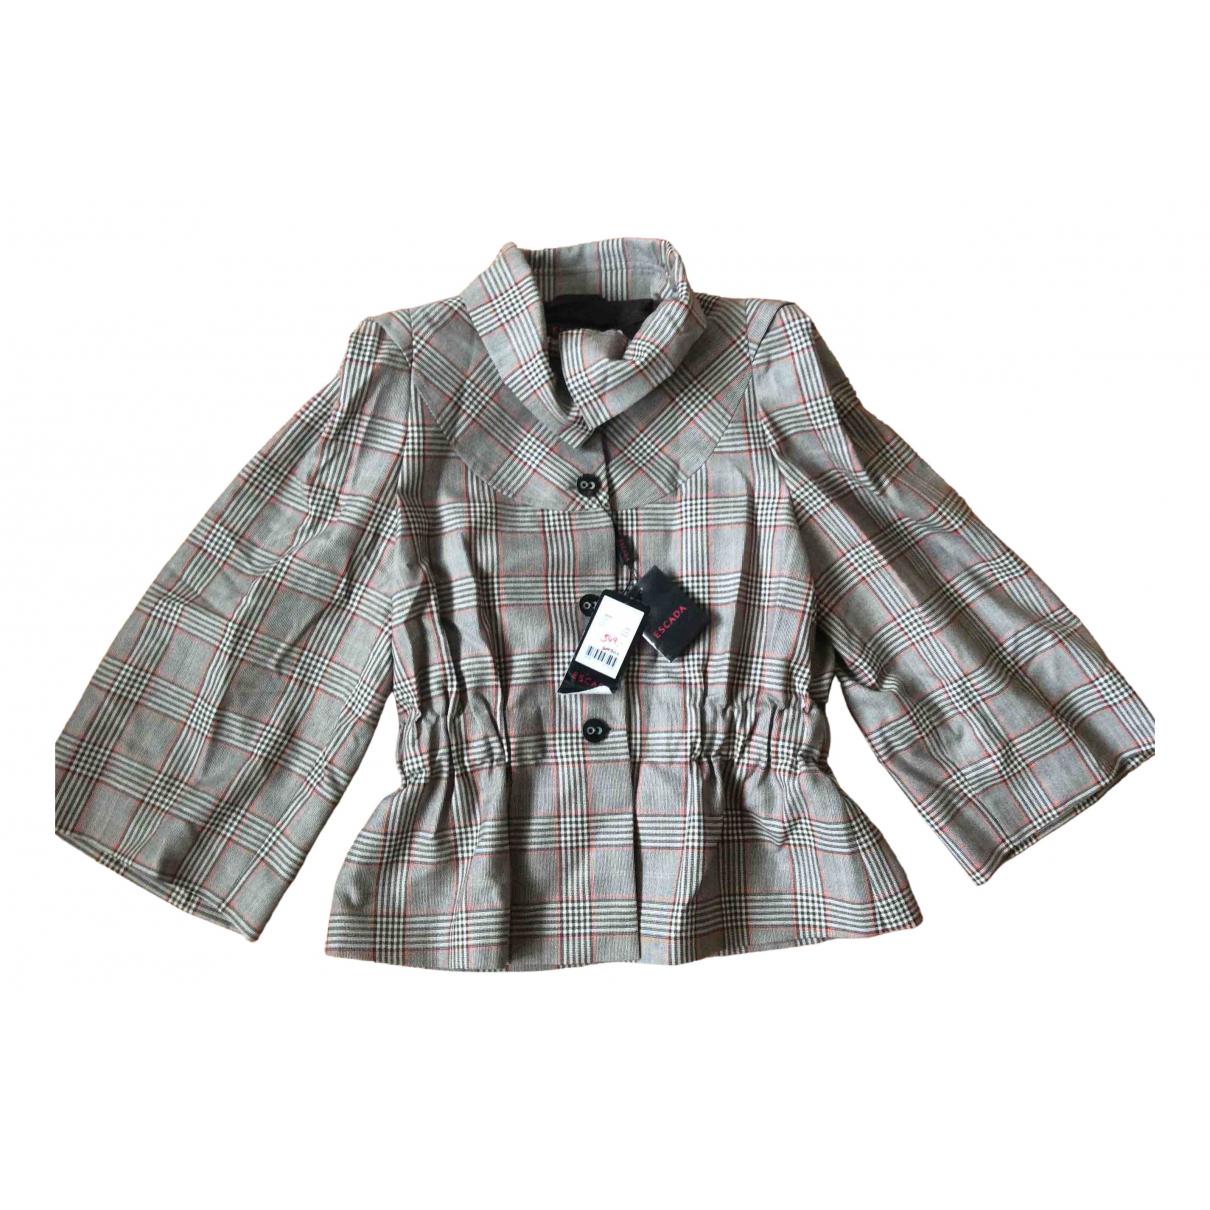 Escada \N Wool jacket for Women M International